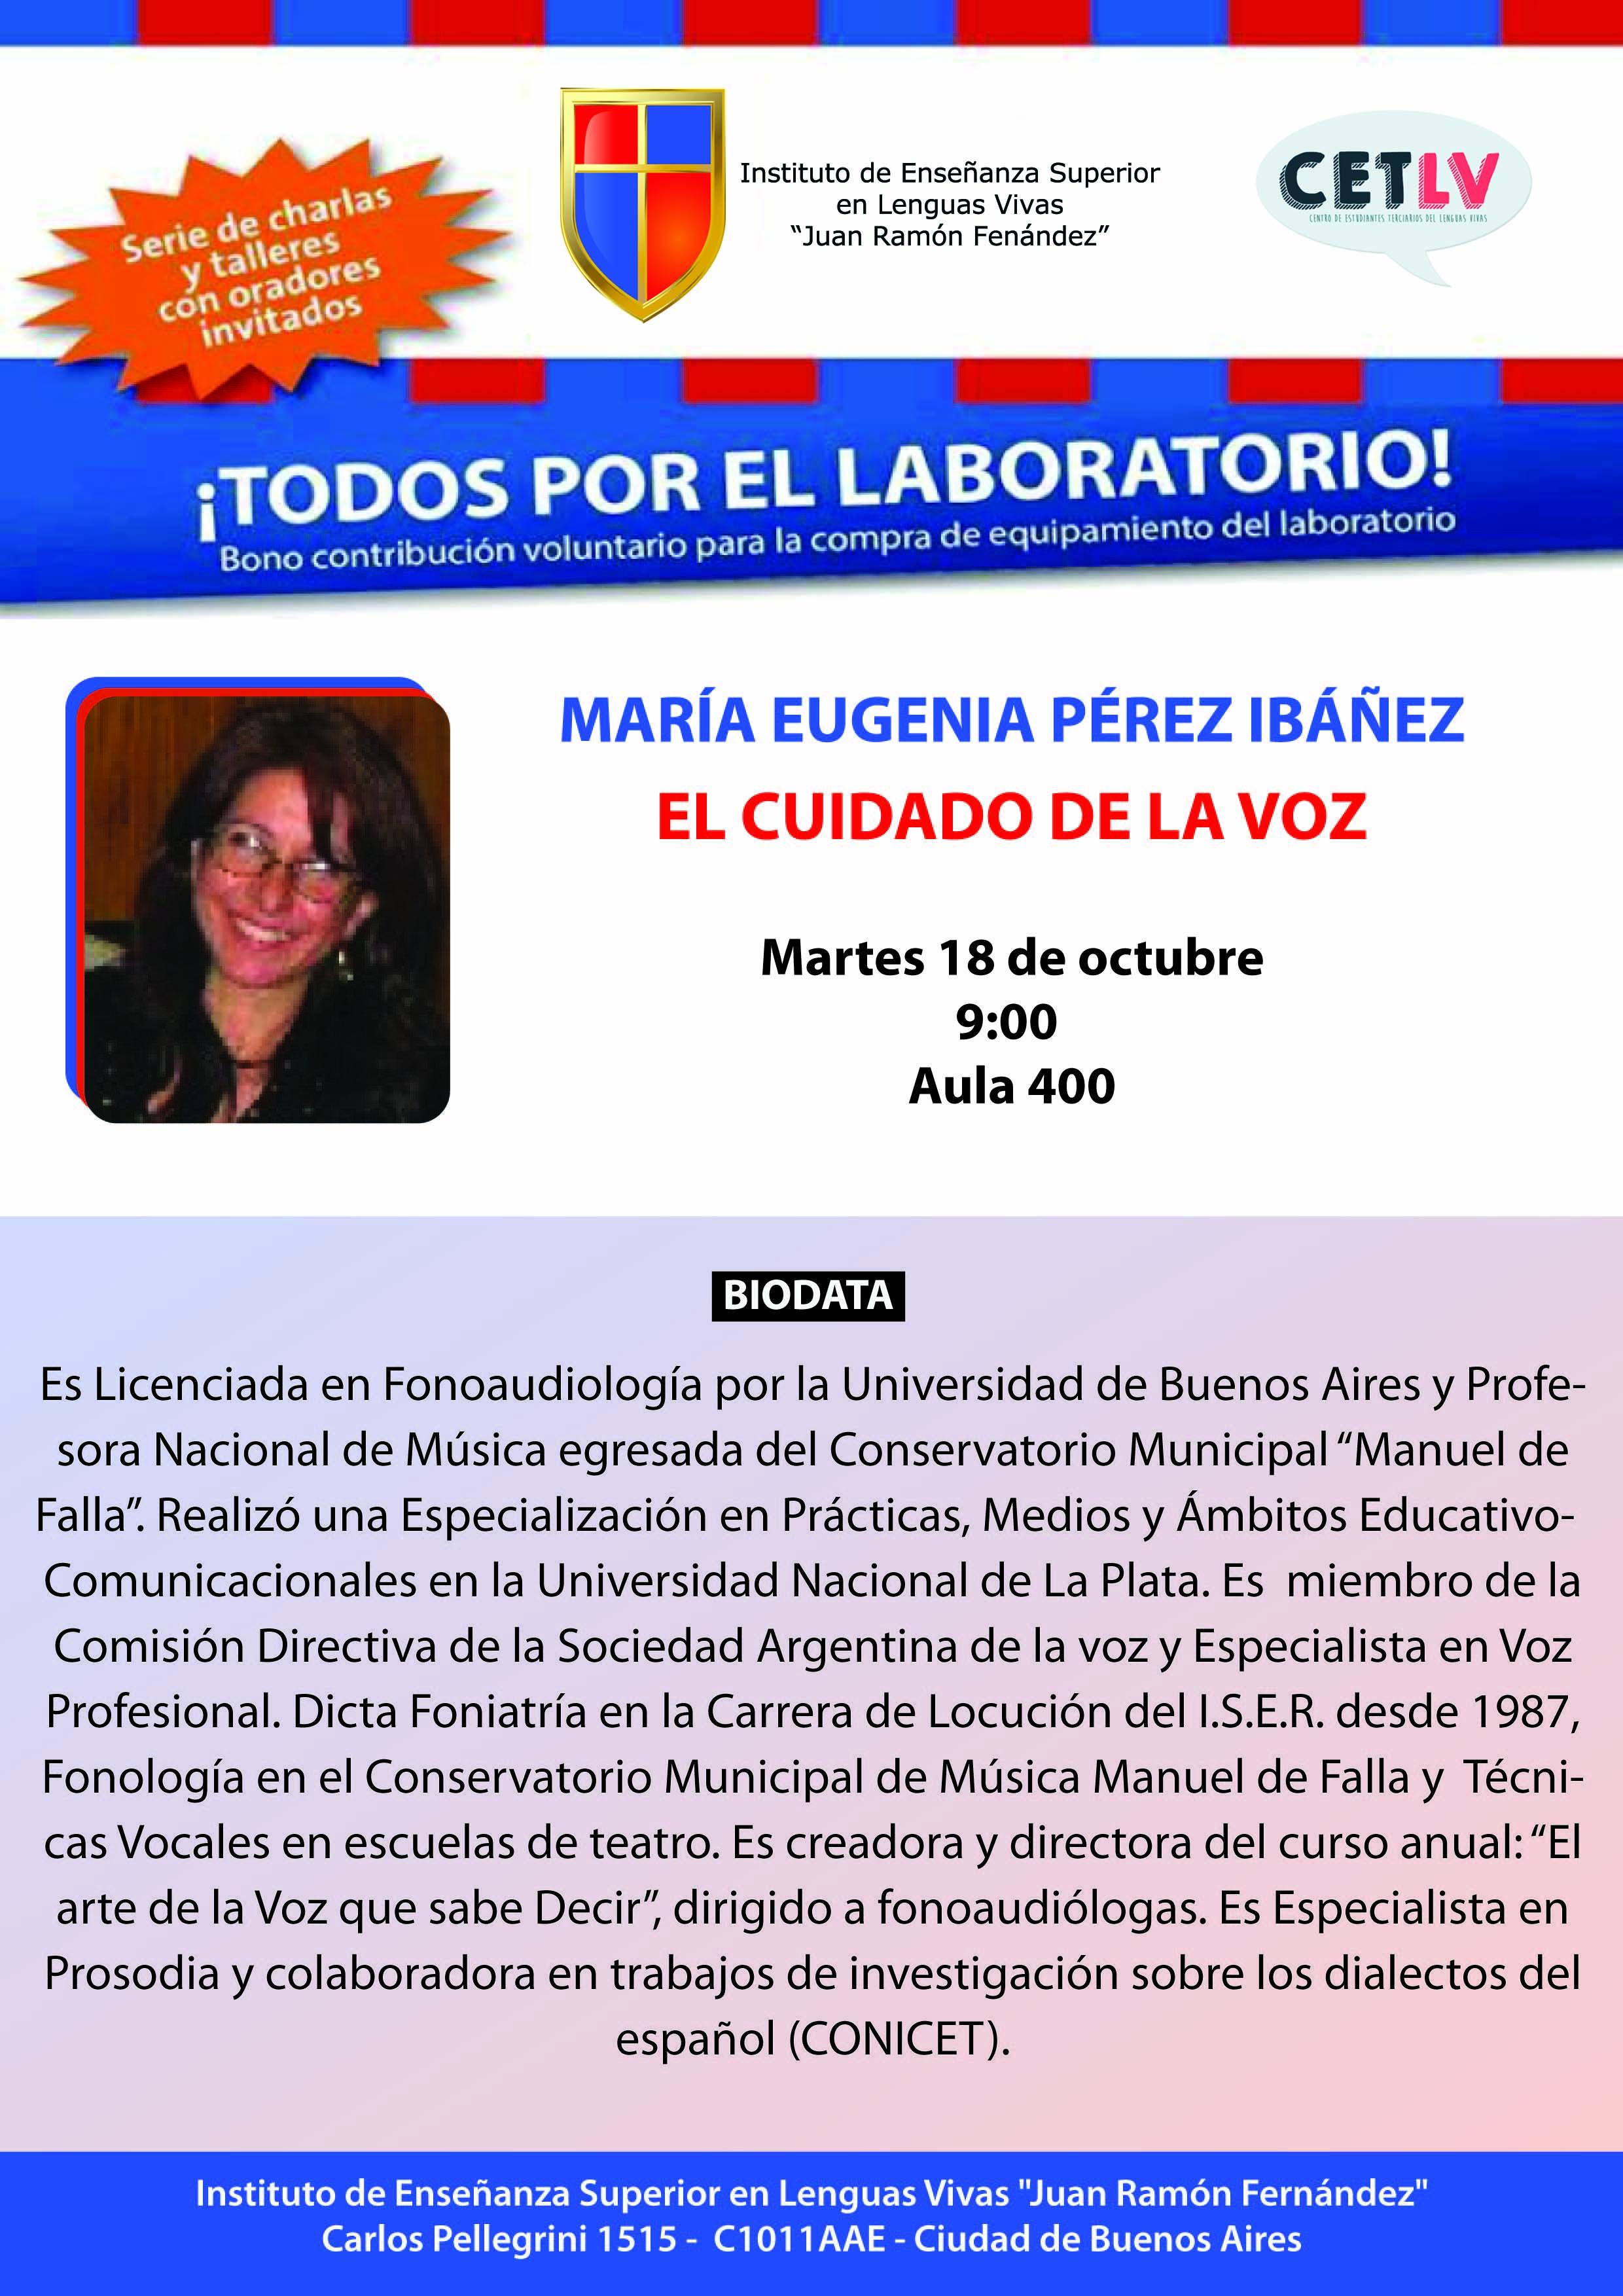 Perez Ibañez